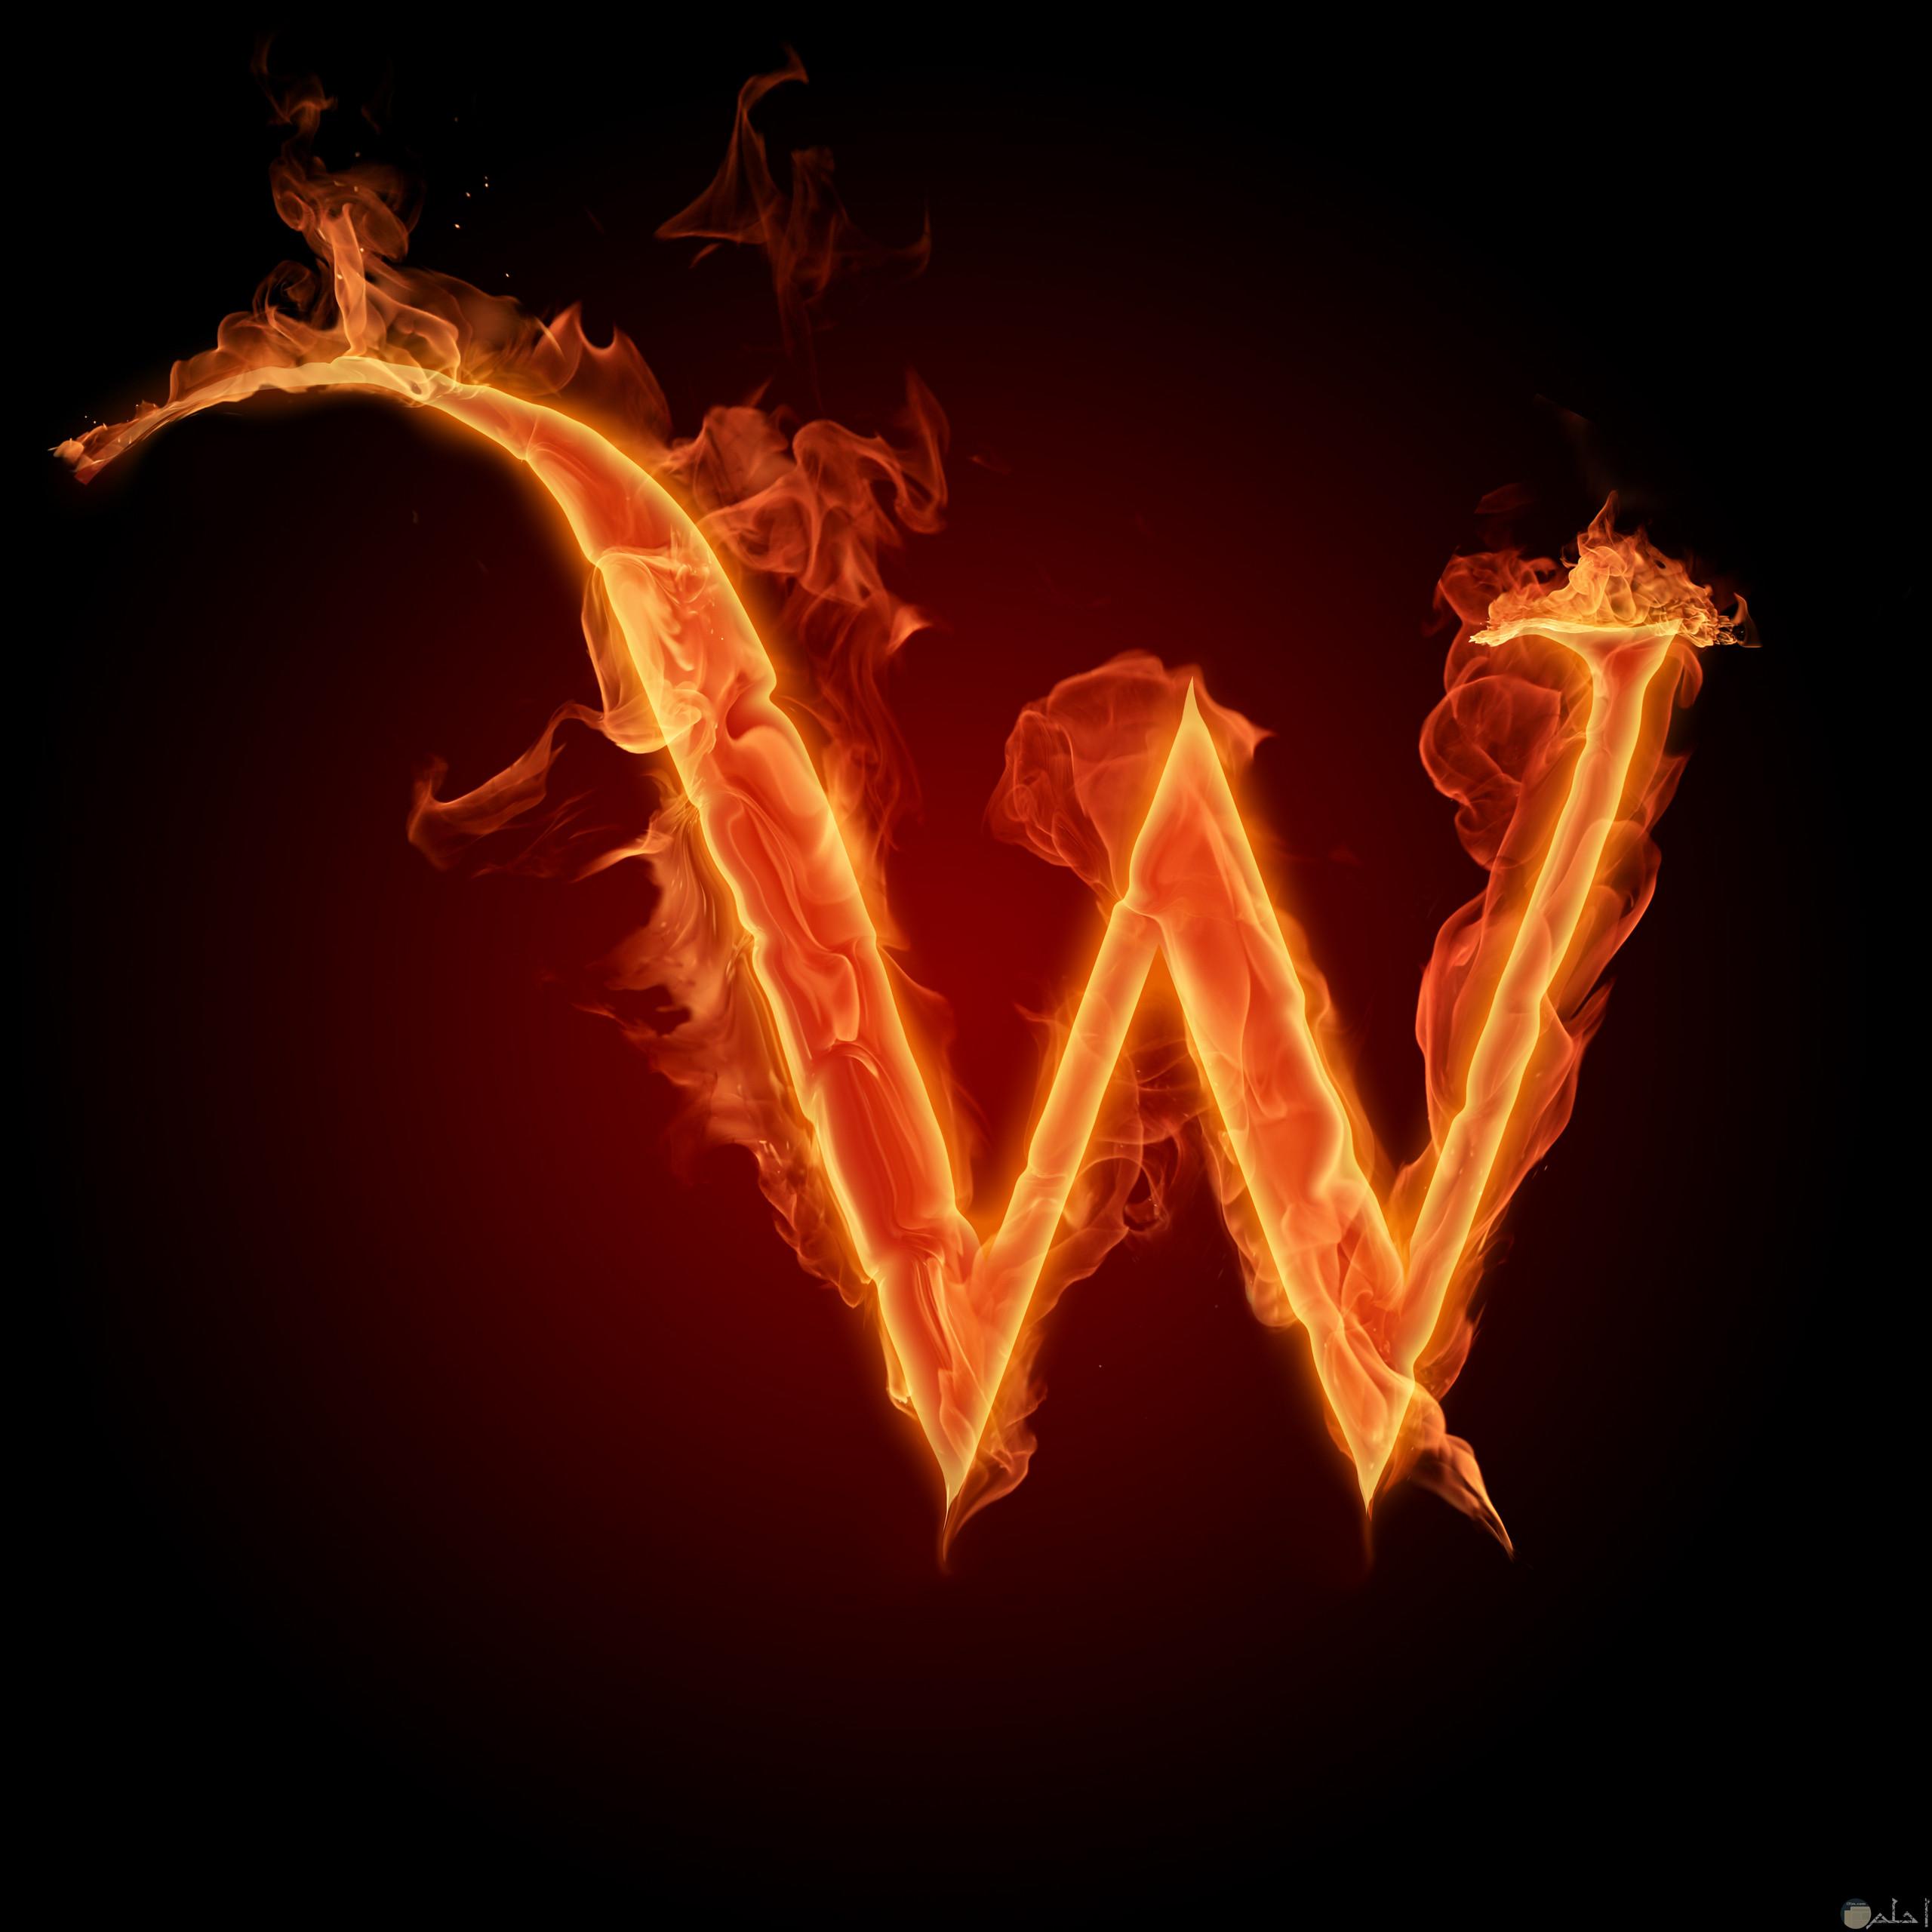 حرف w بخط من نار.